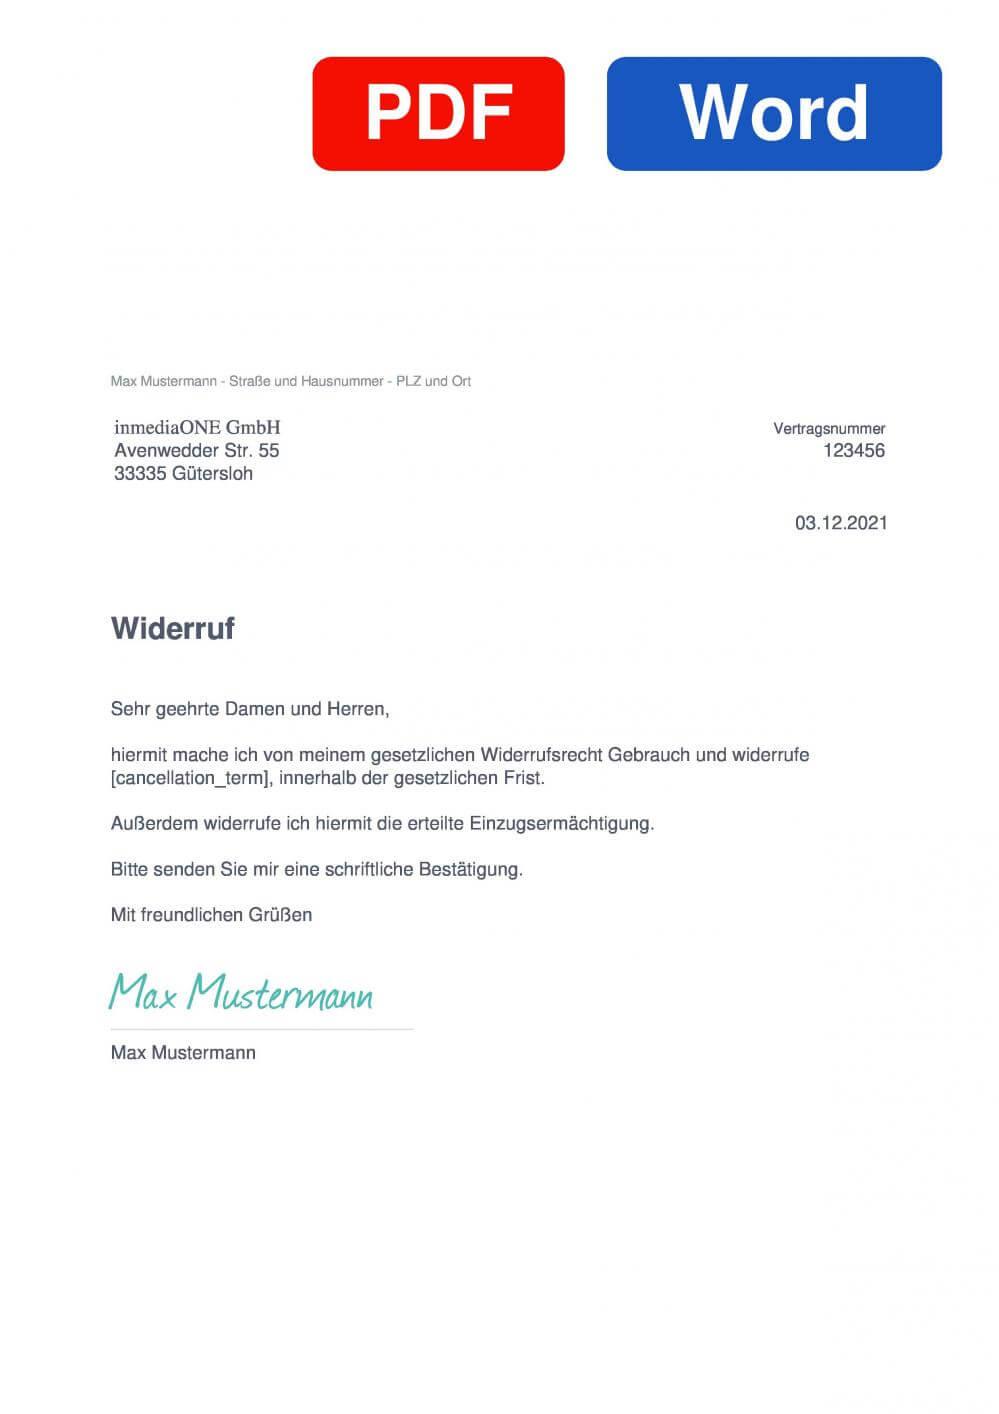 inmediaONE Muster Vorlage für Wiederrufsschreiben